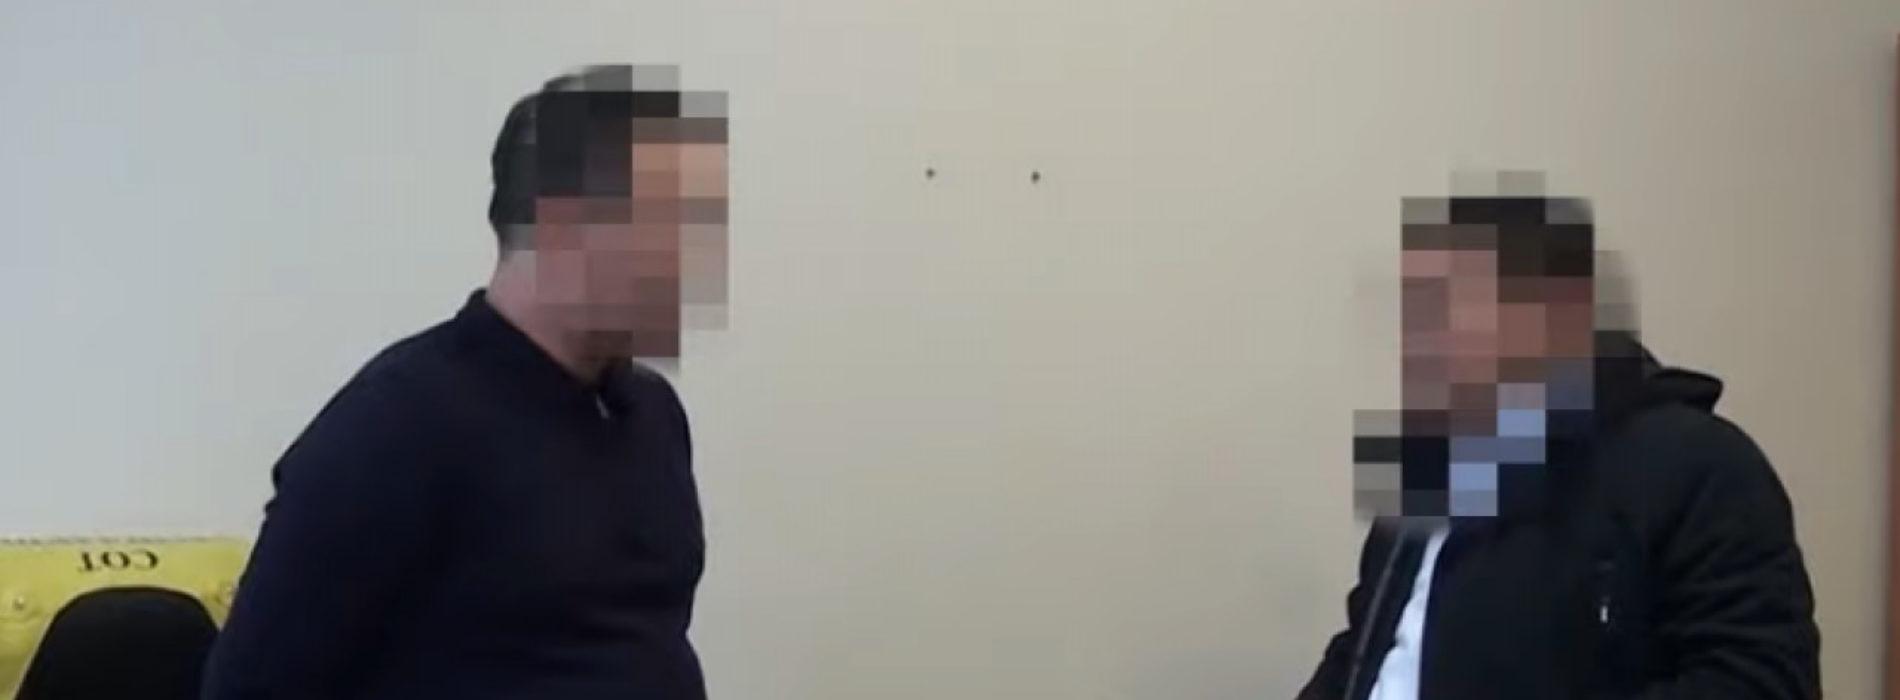 Появилось видео с задержанным за взятку чиновником в Алматы